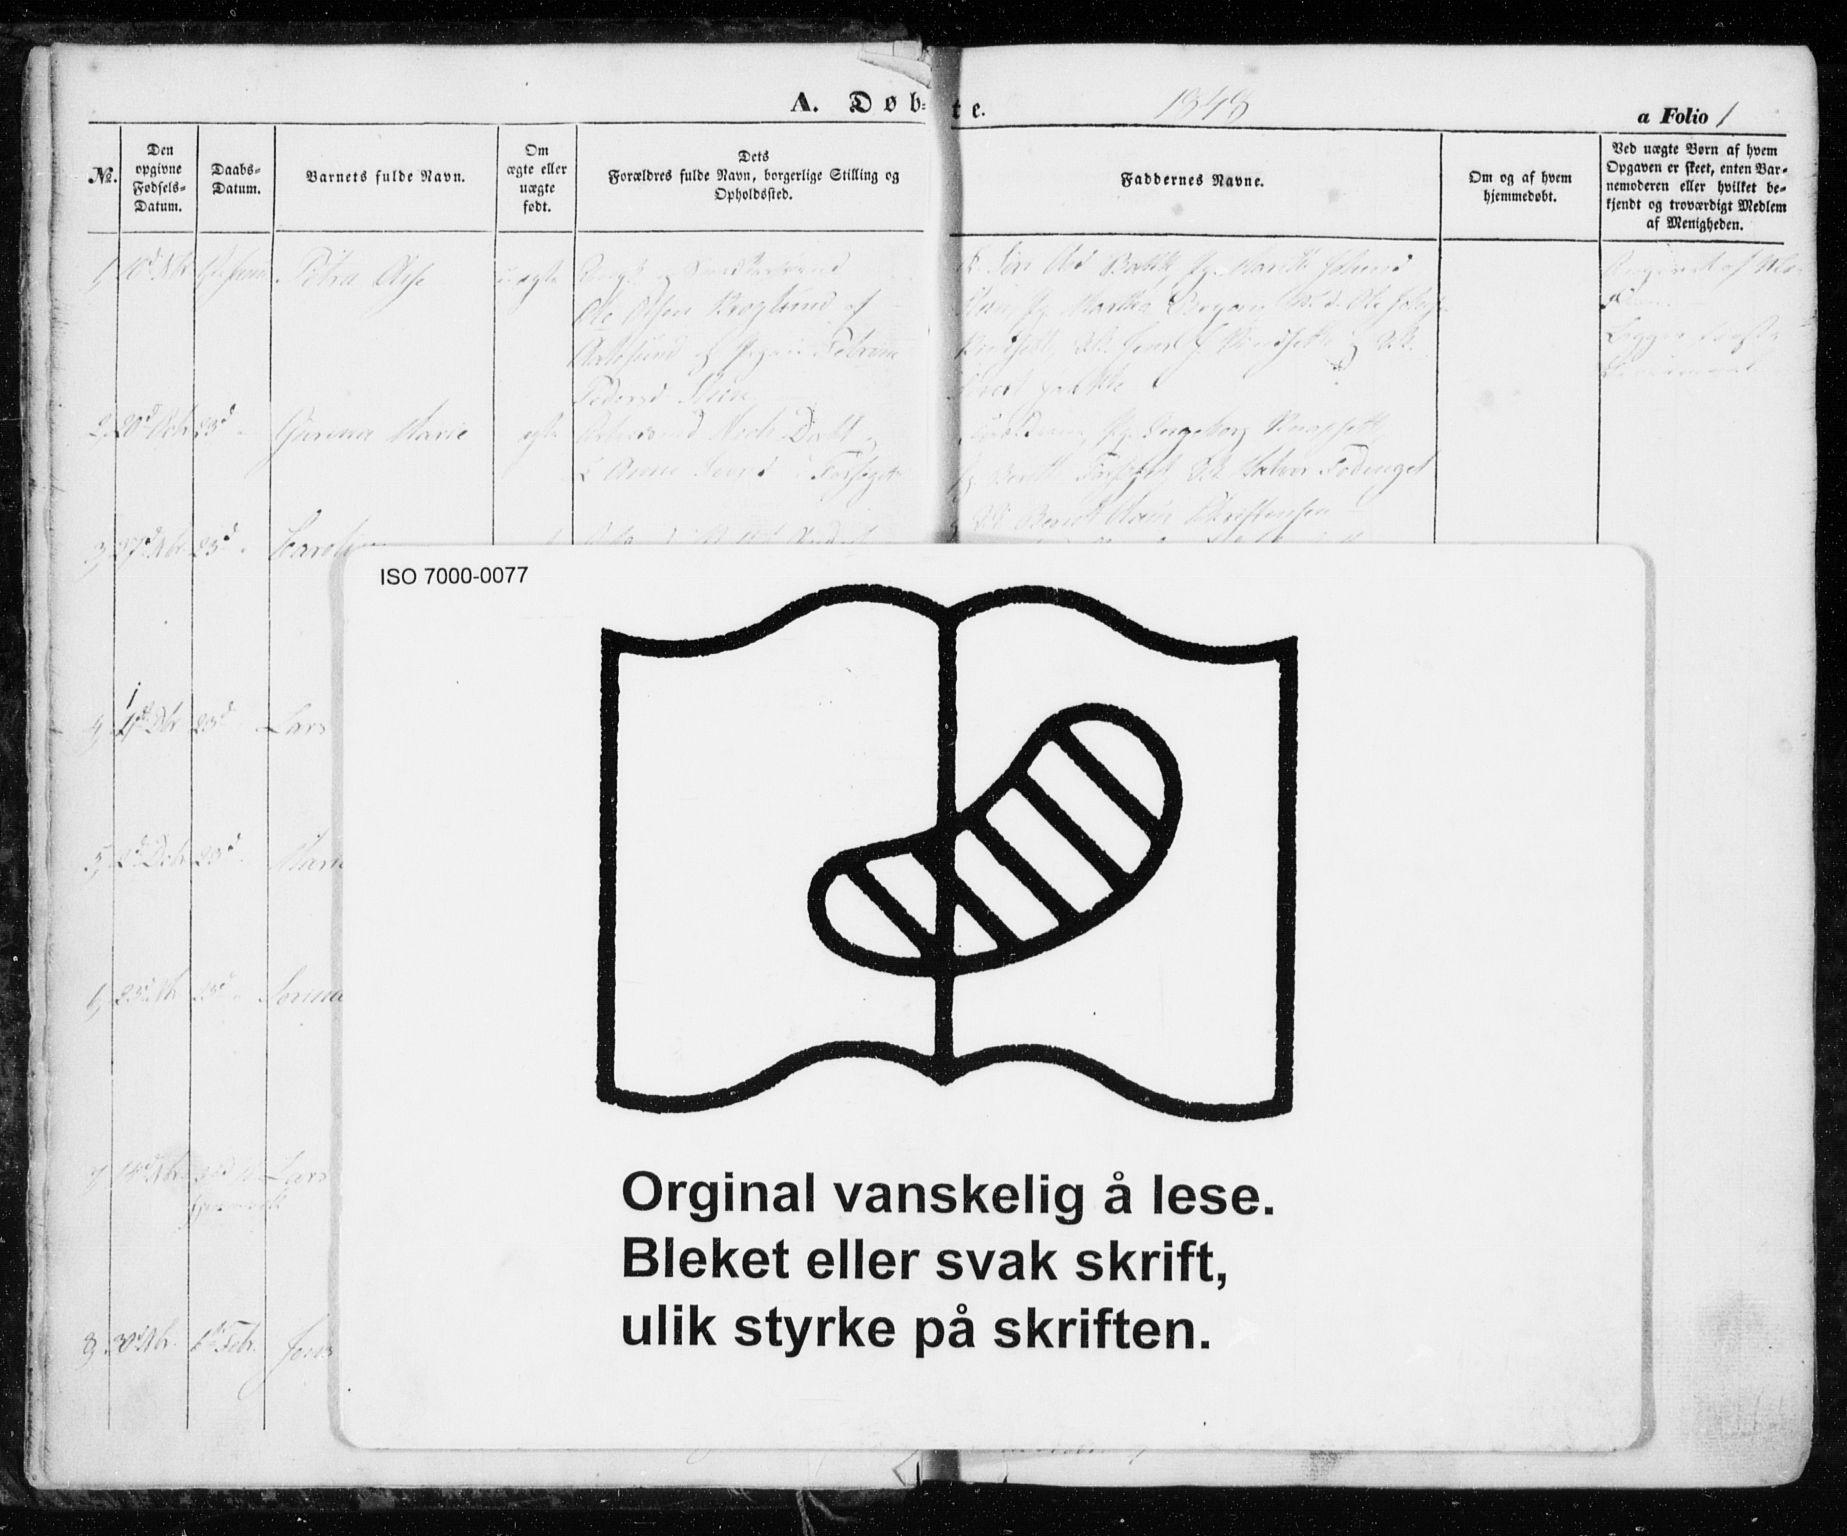 SAT, Ministerialprotokoller, klokkerbøker og fødselsregistre - Sør-Trøndelag, 606/L0291: Ministerialbok nr. 606A06, 1848-1856, s. 1